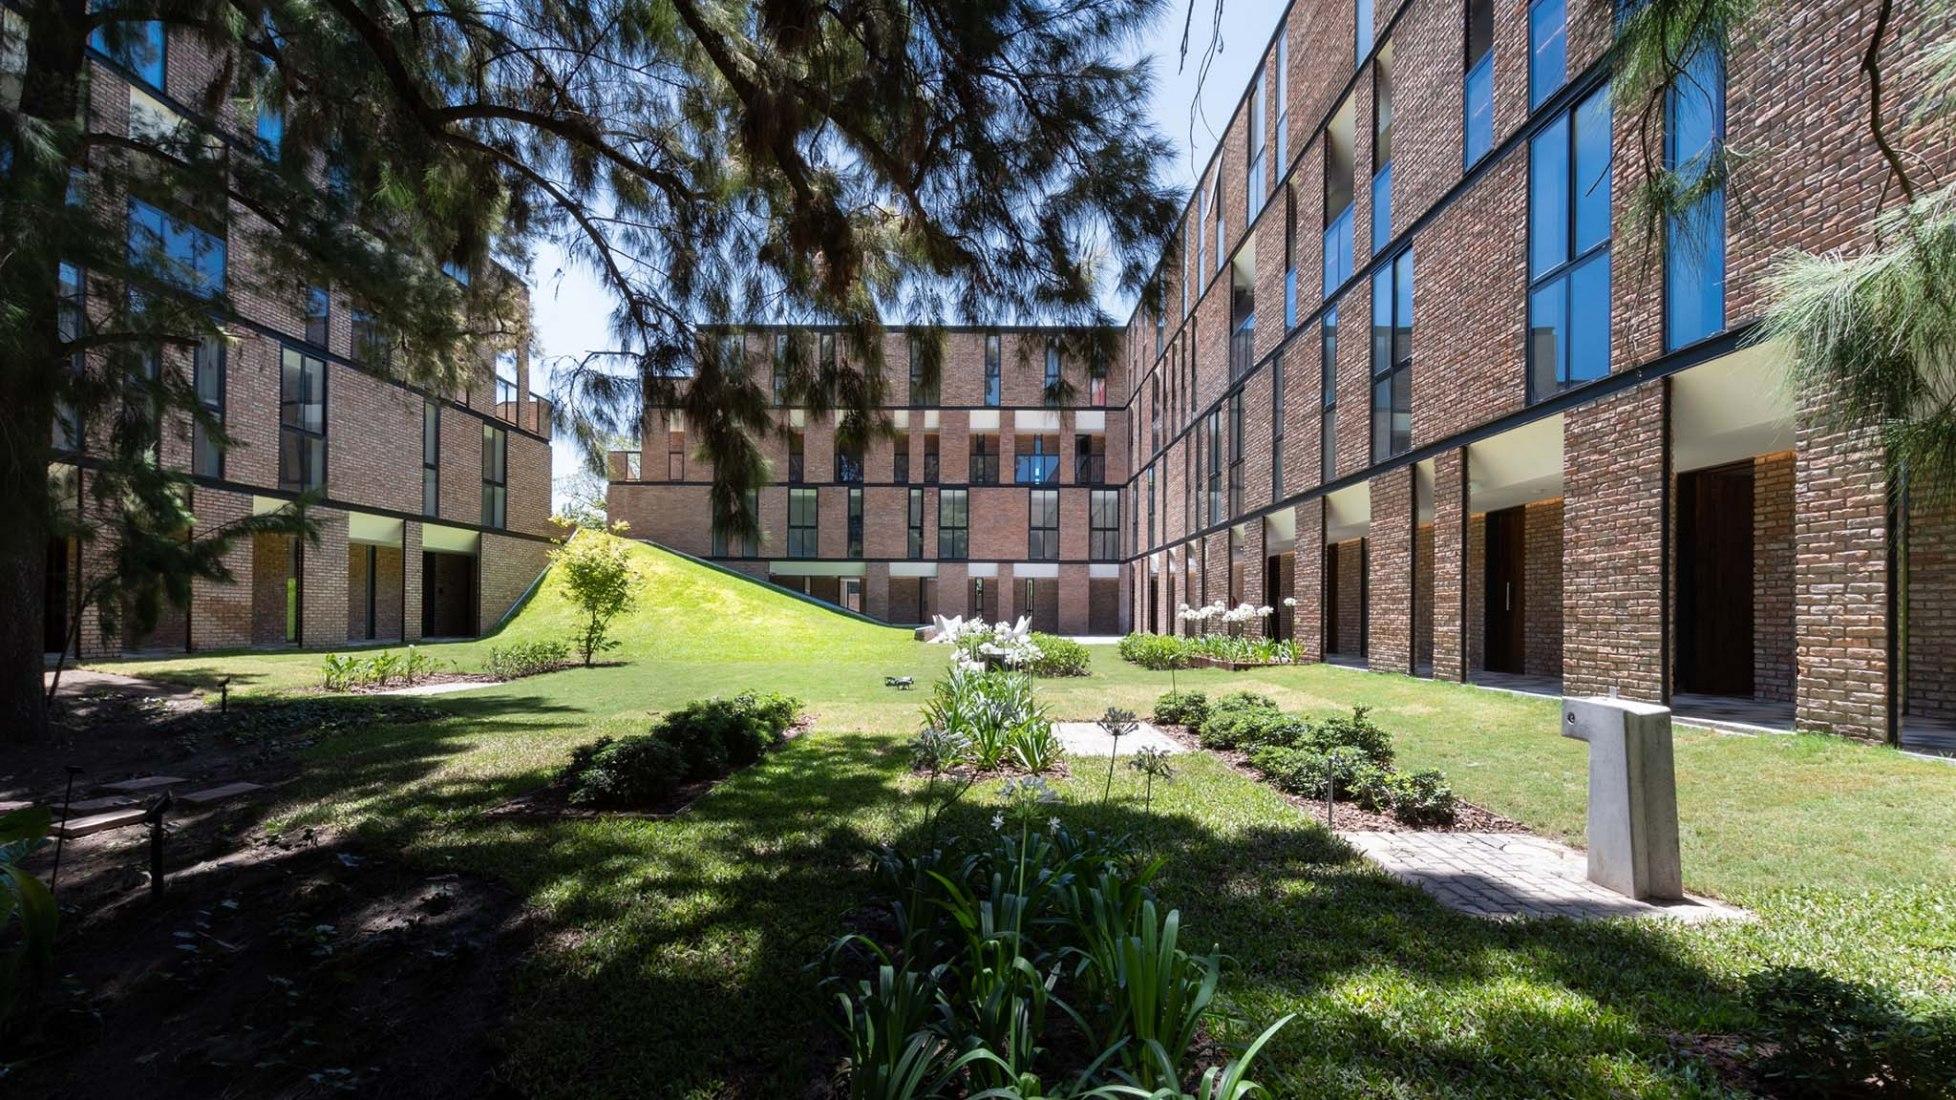 Edificio COPA por Ça Arquitectura. Fotografía por Gonzalo Viramonte